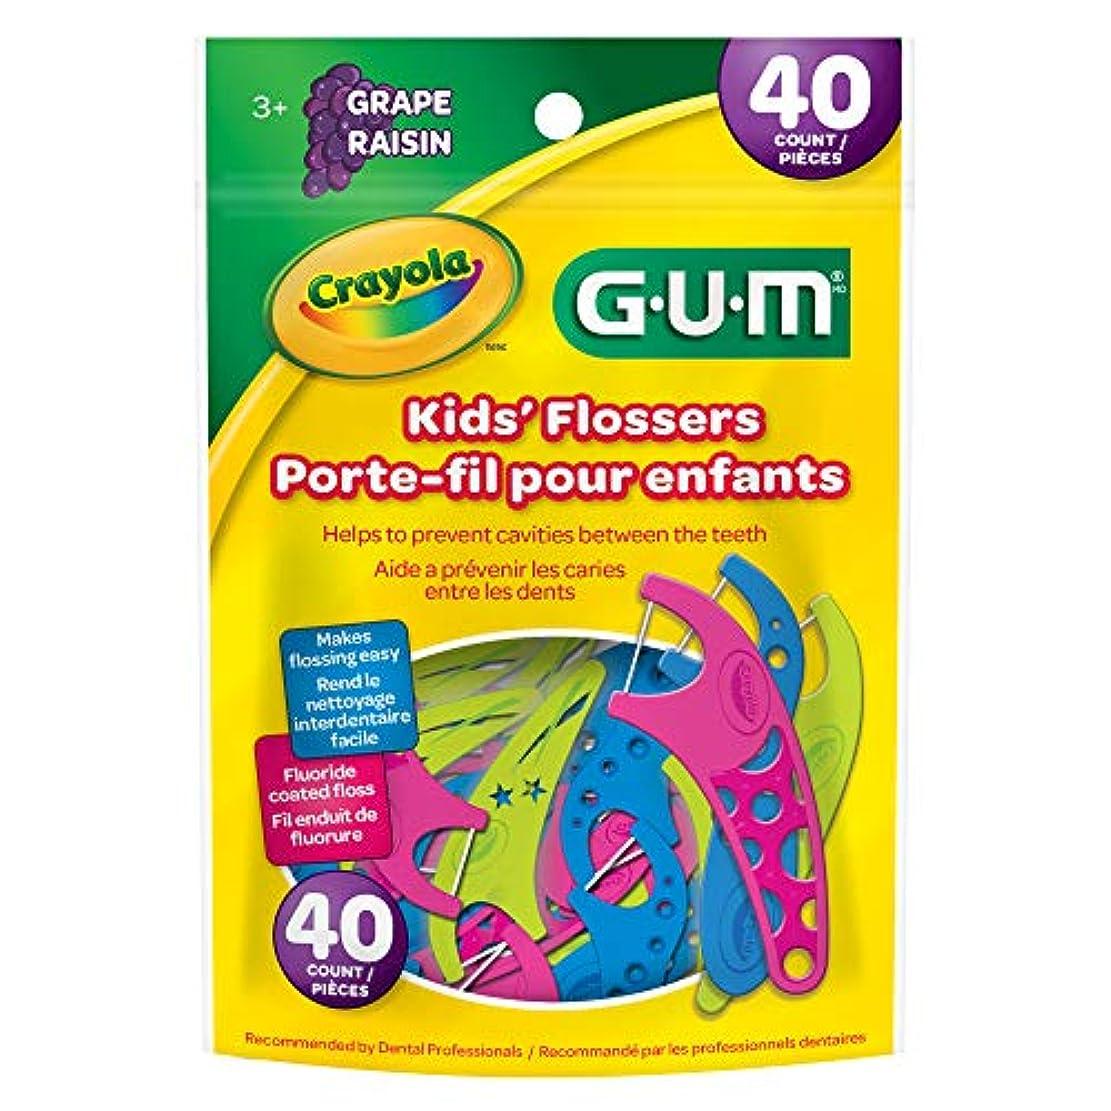 便宜前乳白色GUM® Crayola™ Kids' Flossers 40本入り キッズ?フロッサー